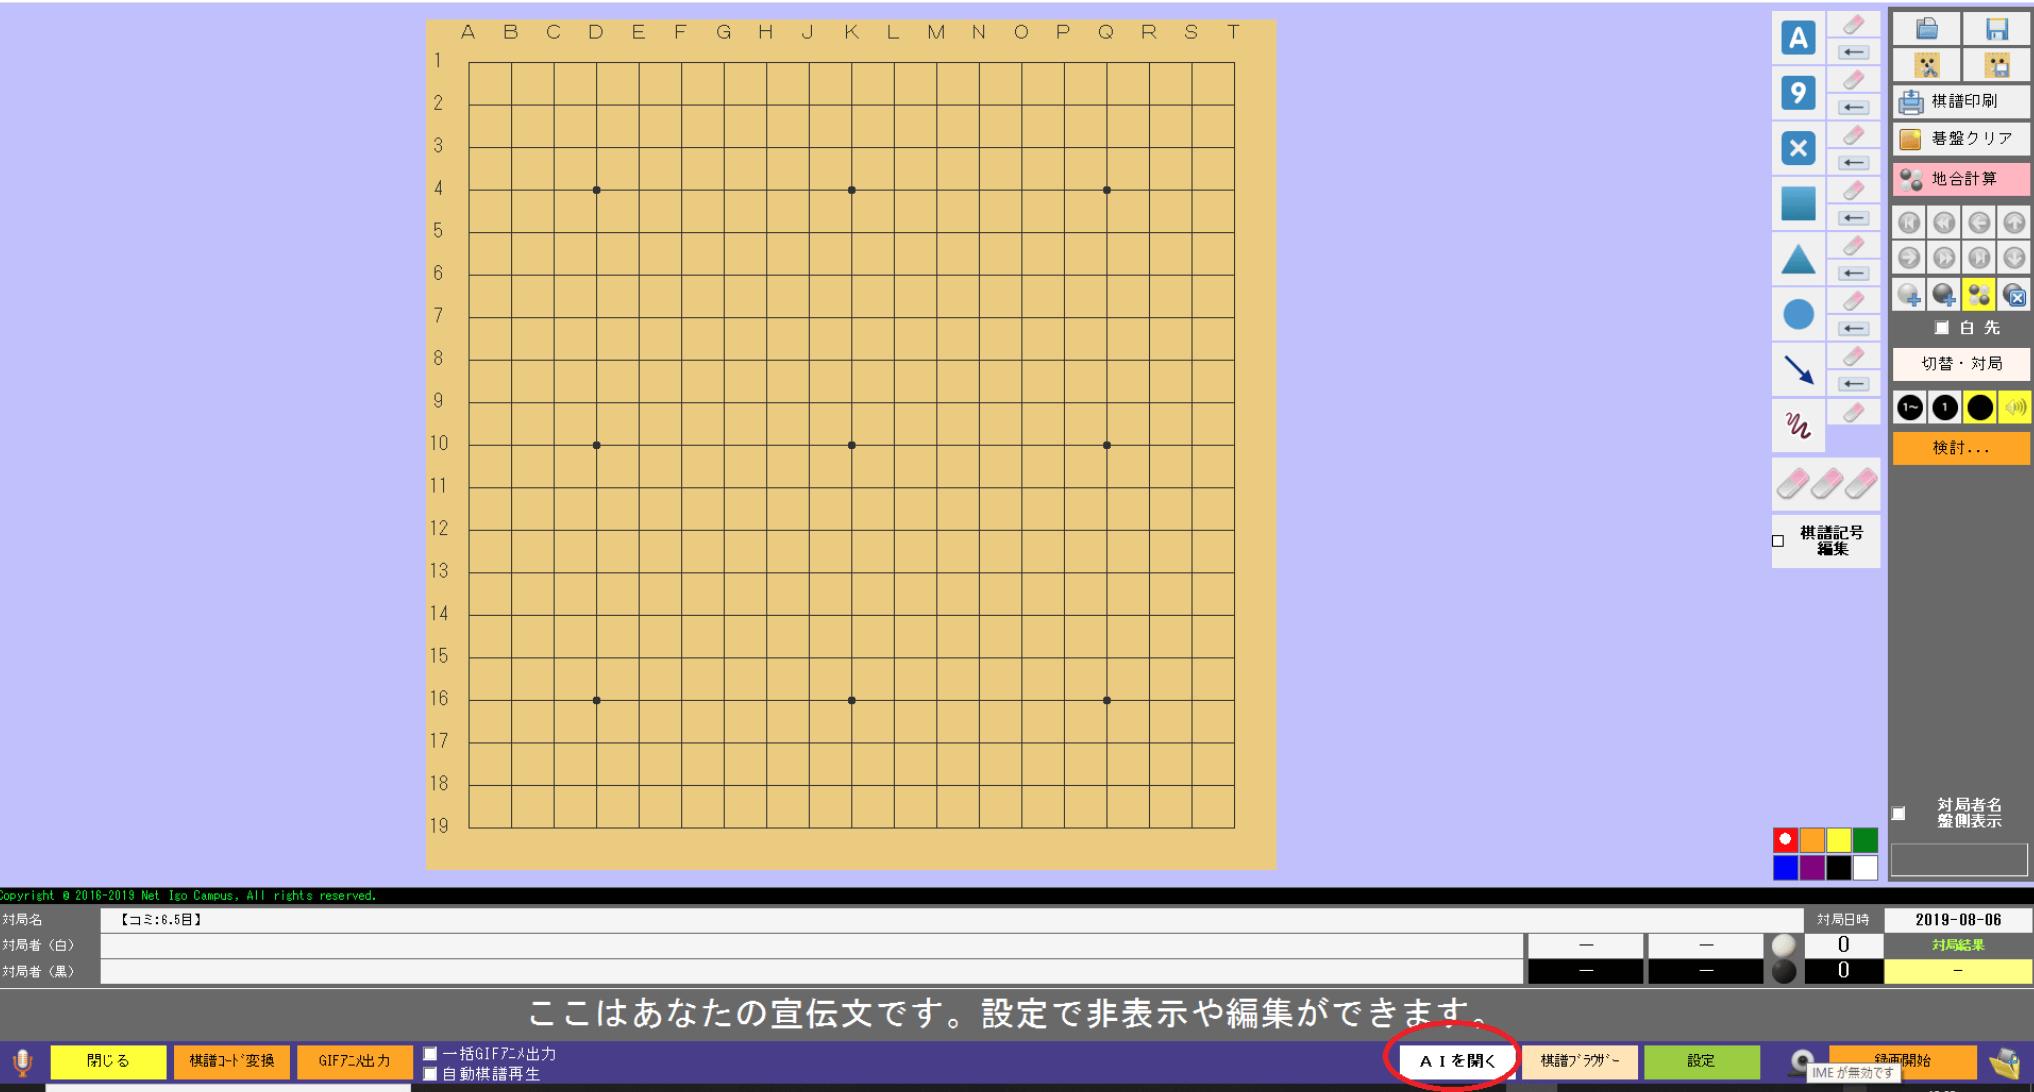 ネット碁学園AIを開く